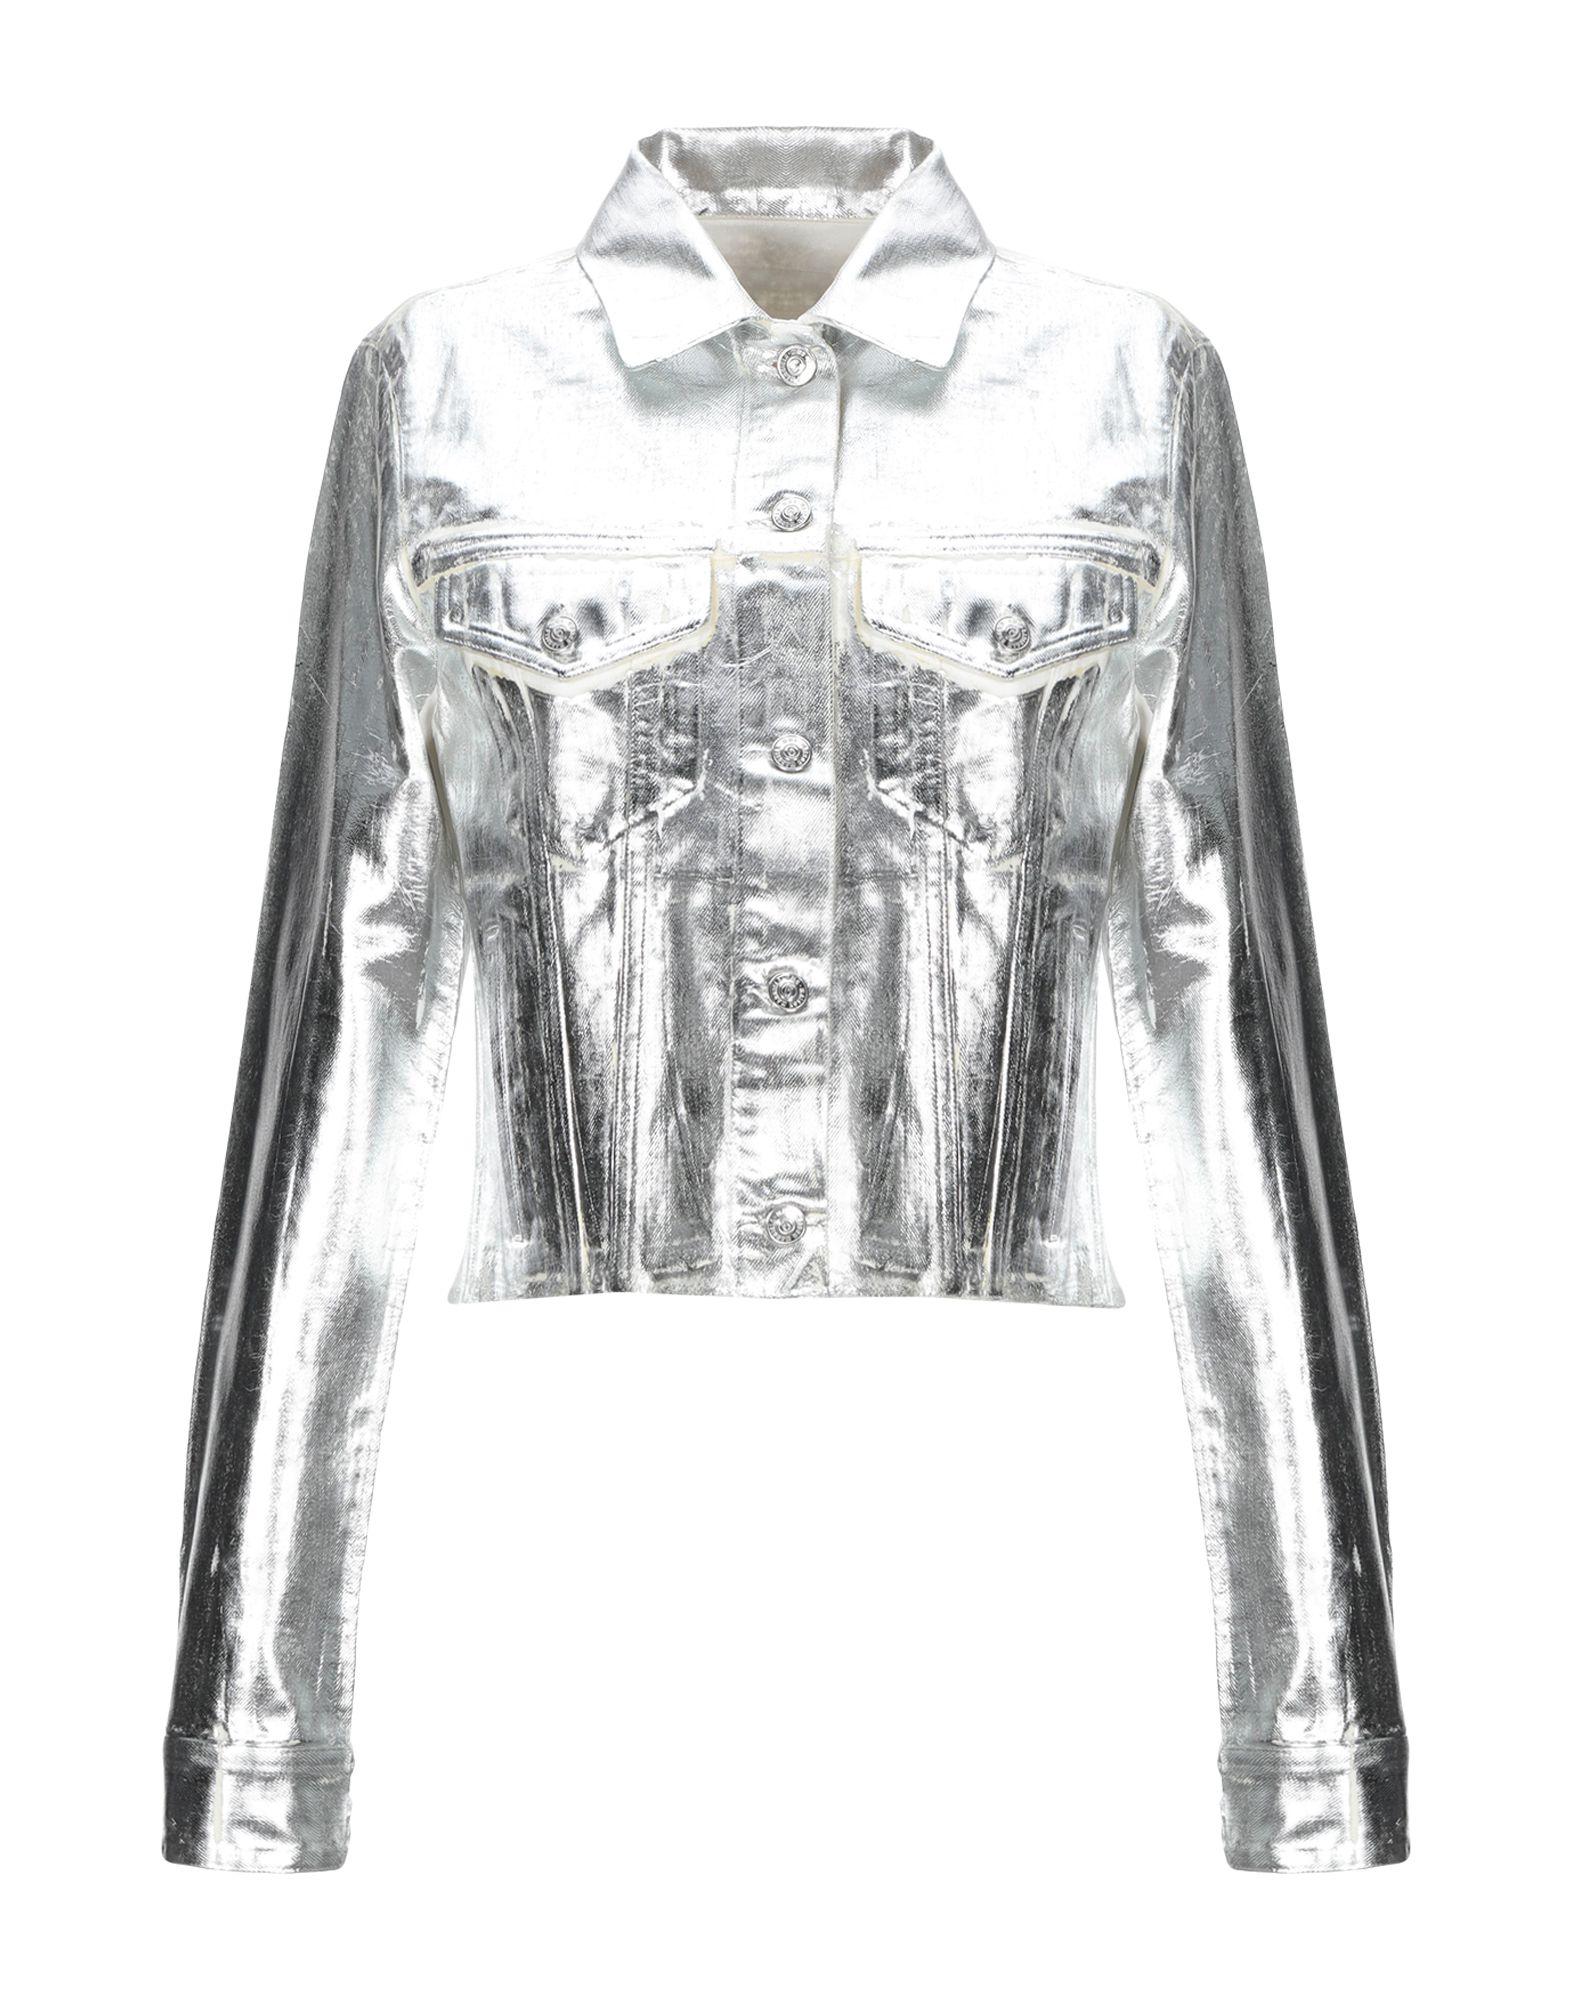 MM6 MAISON MARGIELA Джинсовая верхняя одежда maison margiela джинсовая верхняя одежда